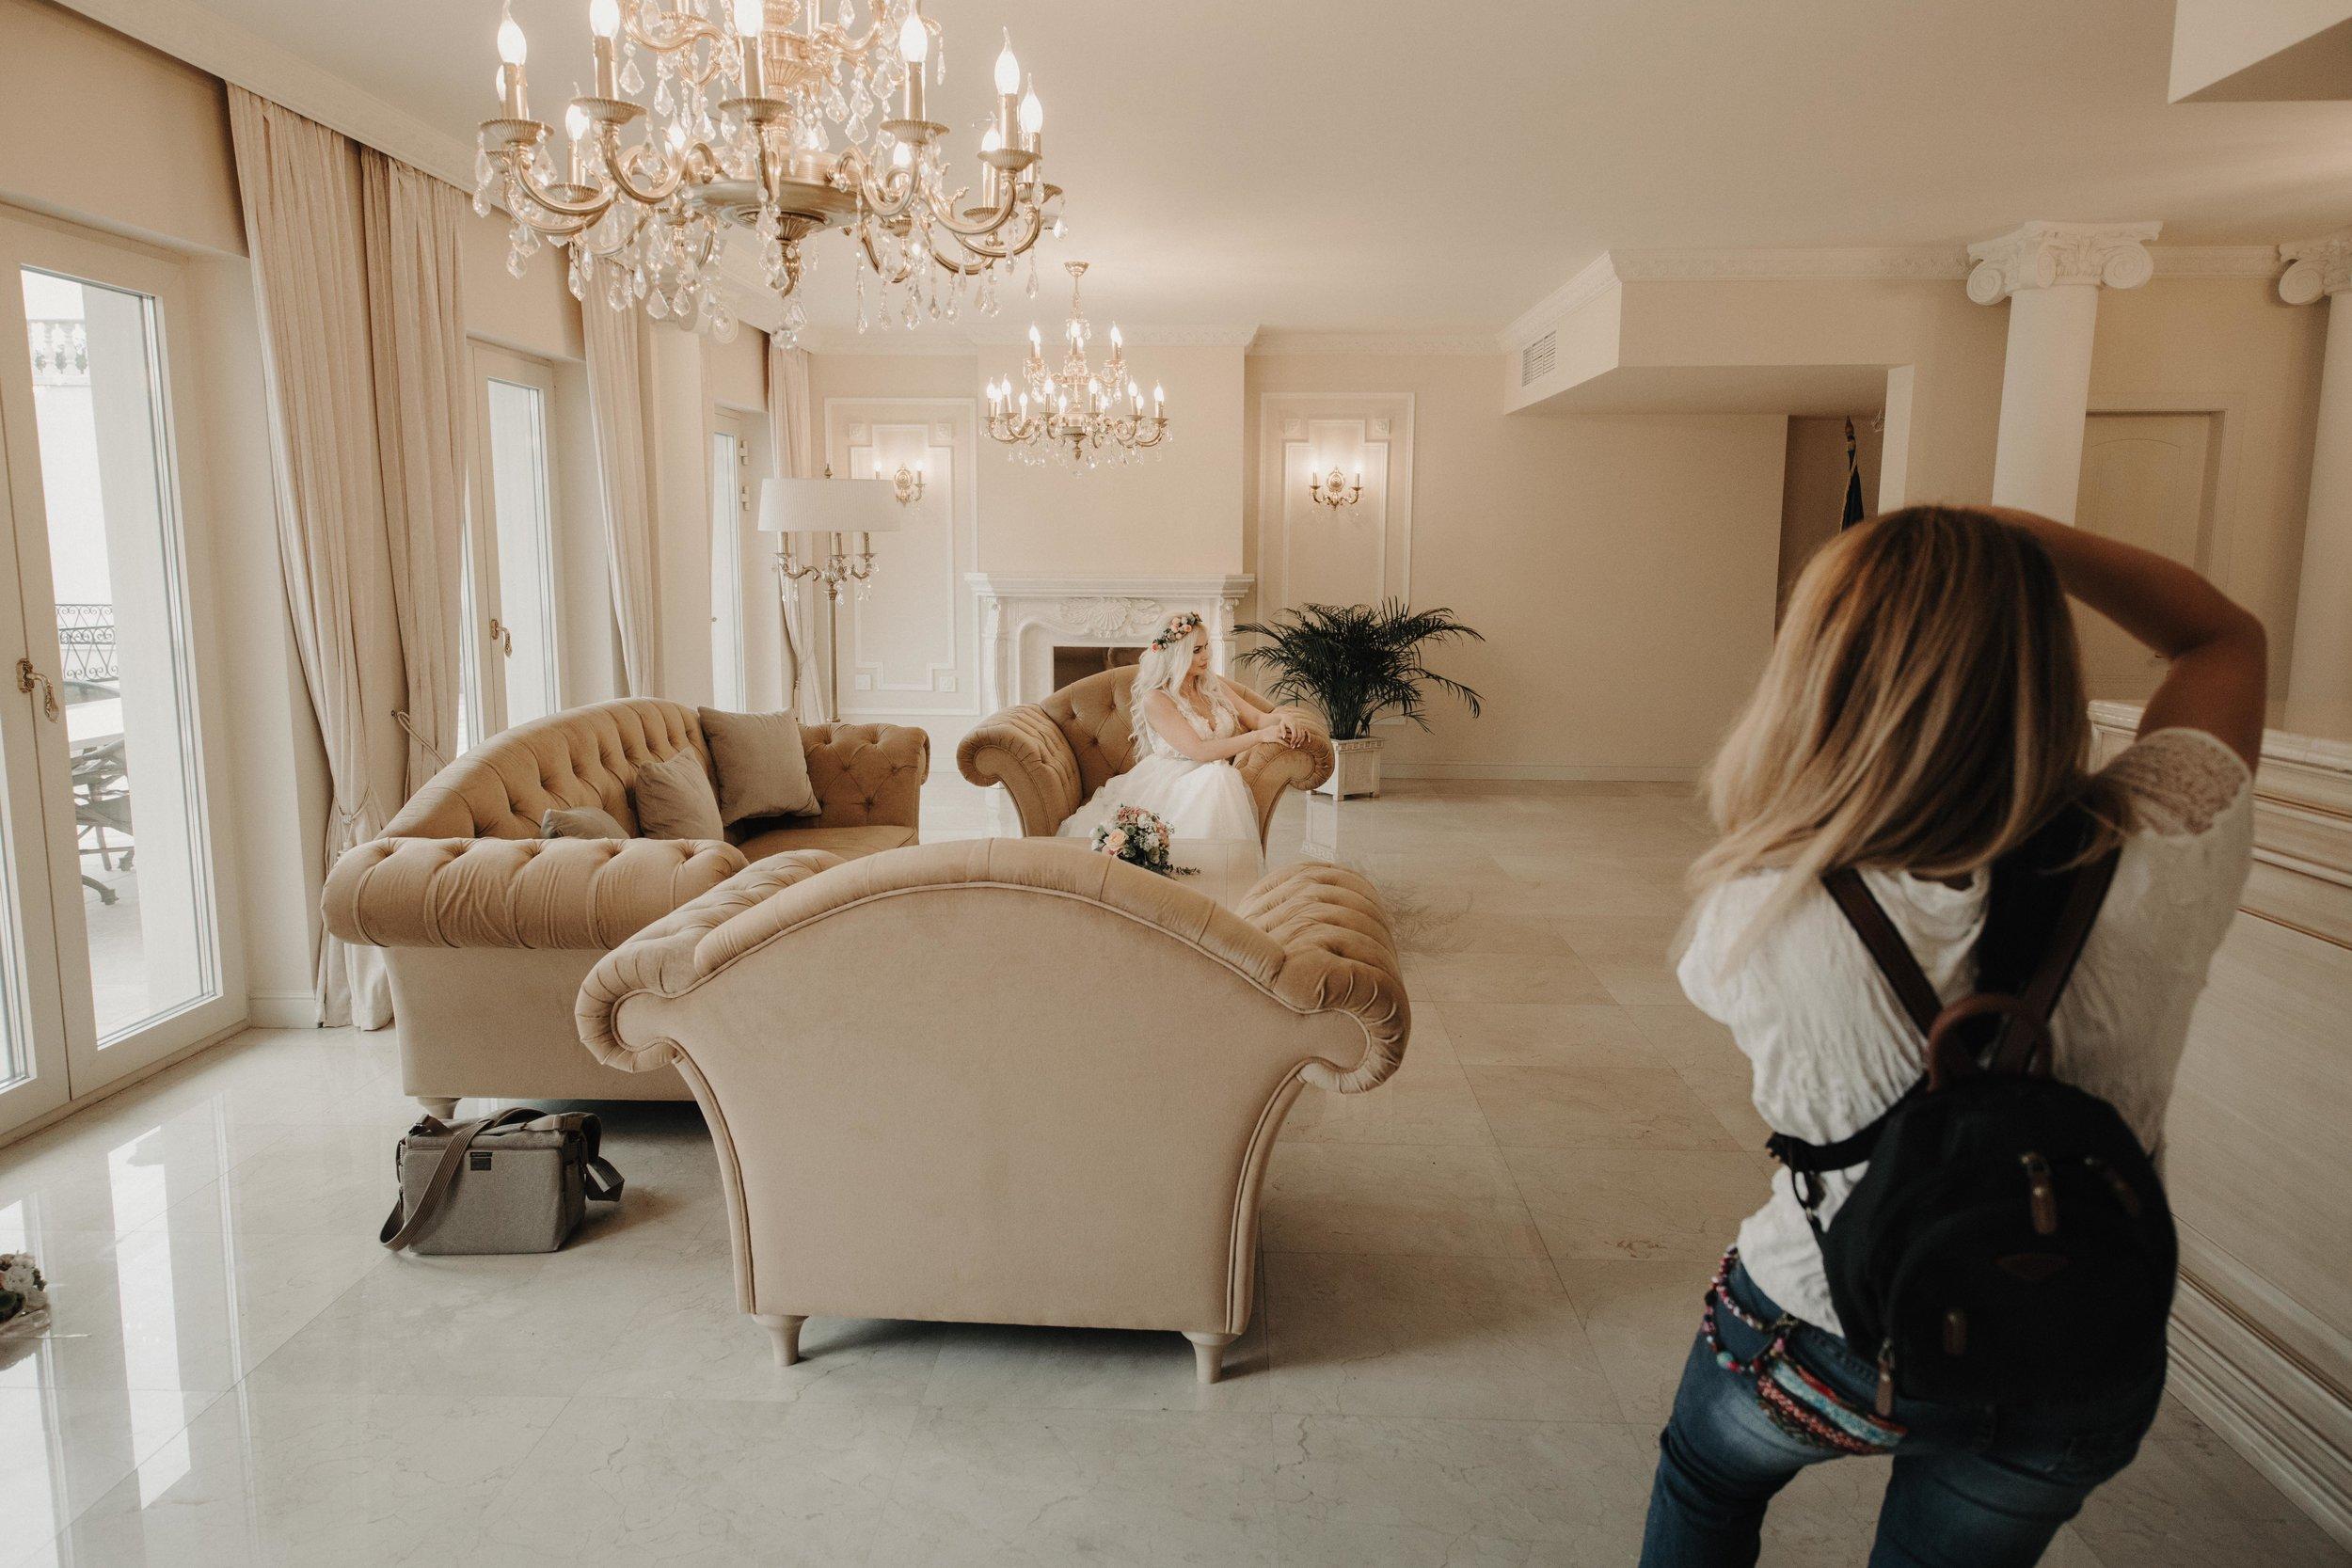 Locatii diferite - Fiecare client are o locatie de vis in care isi doreste sa realizeze sedinta dupa nunta, suntem disponibili si pentru deplasari.